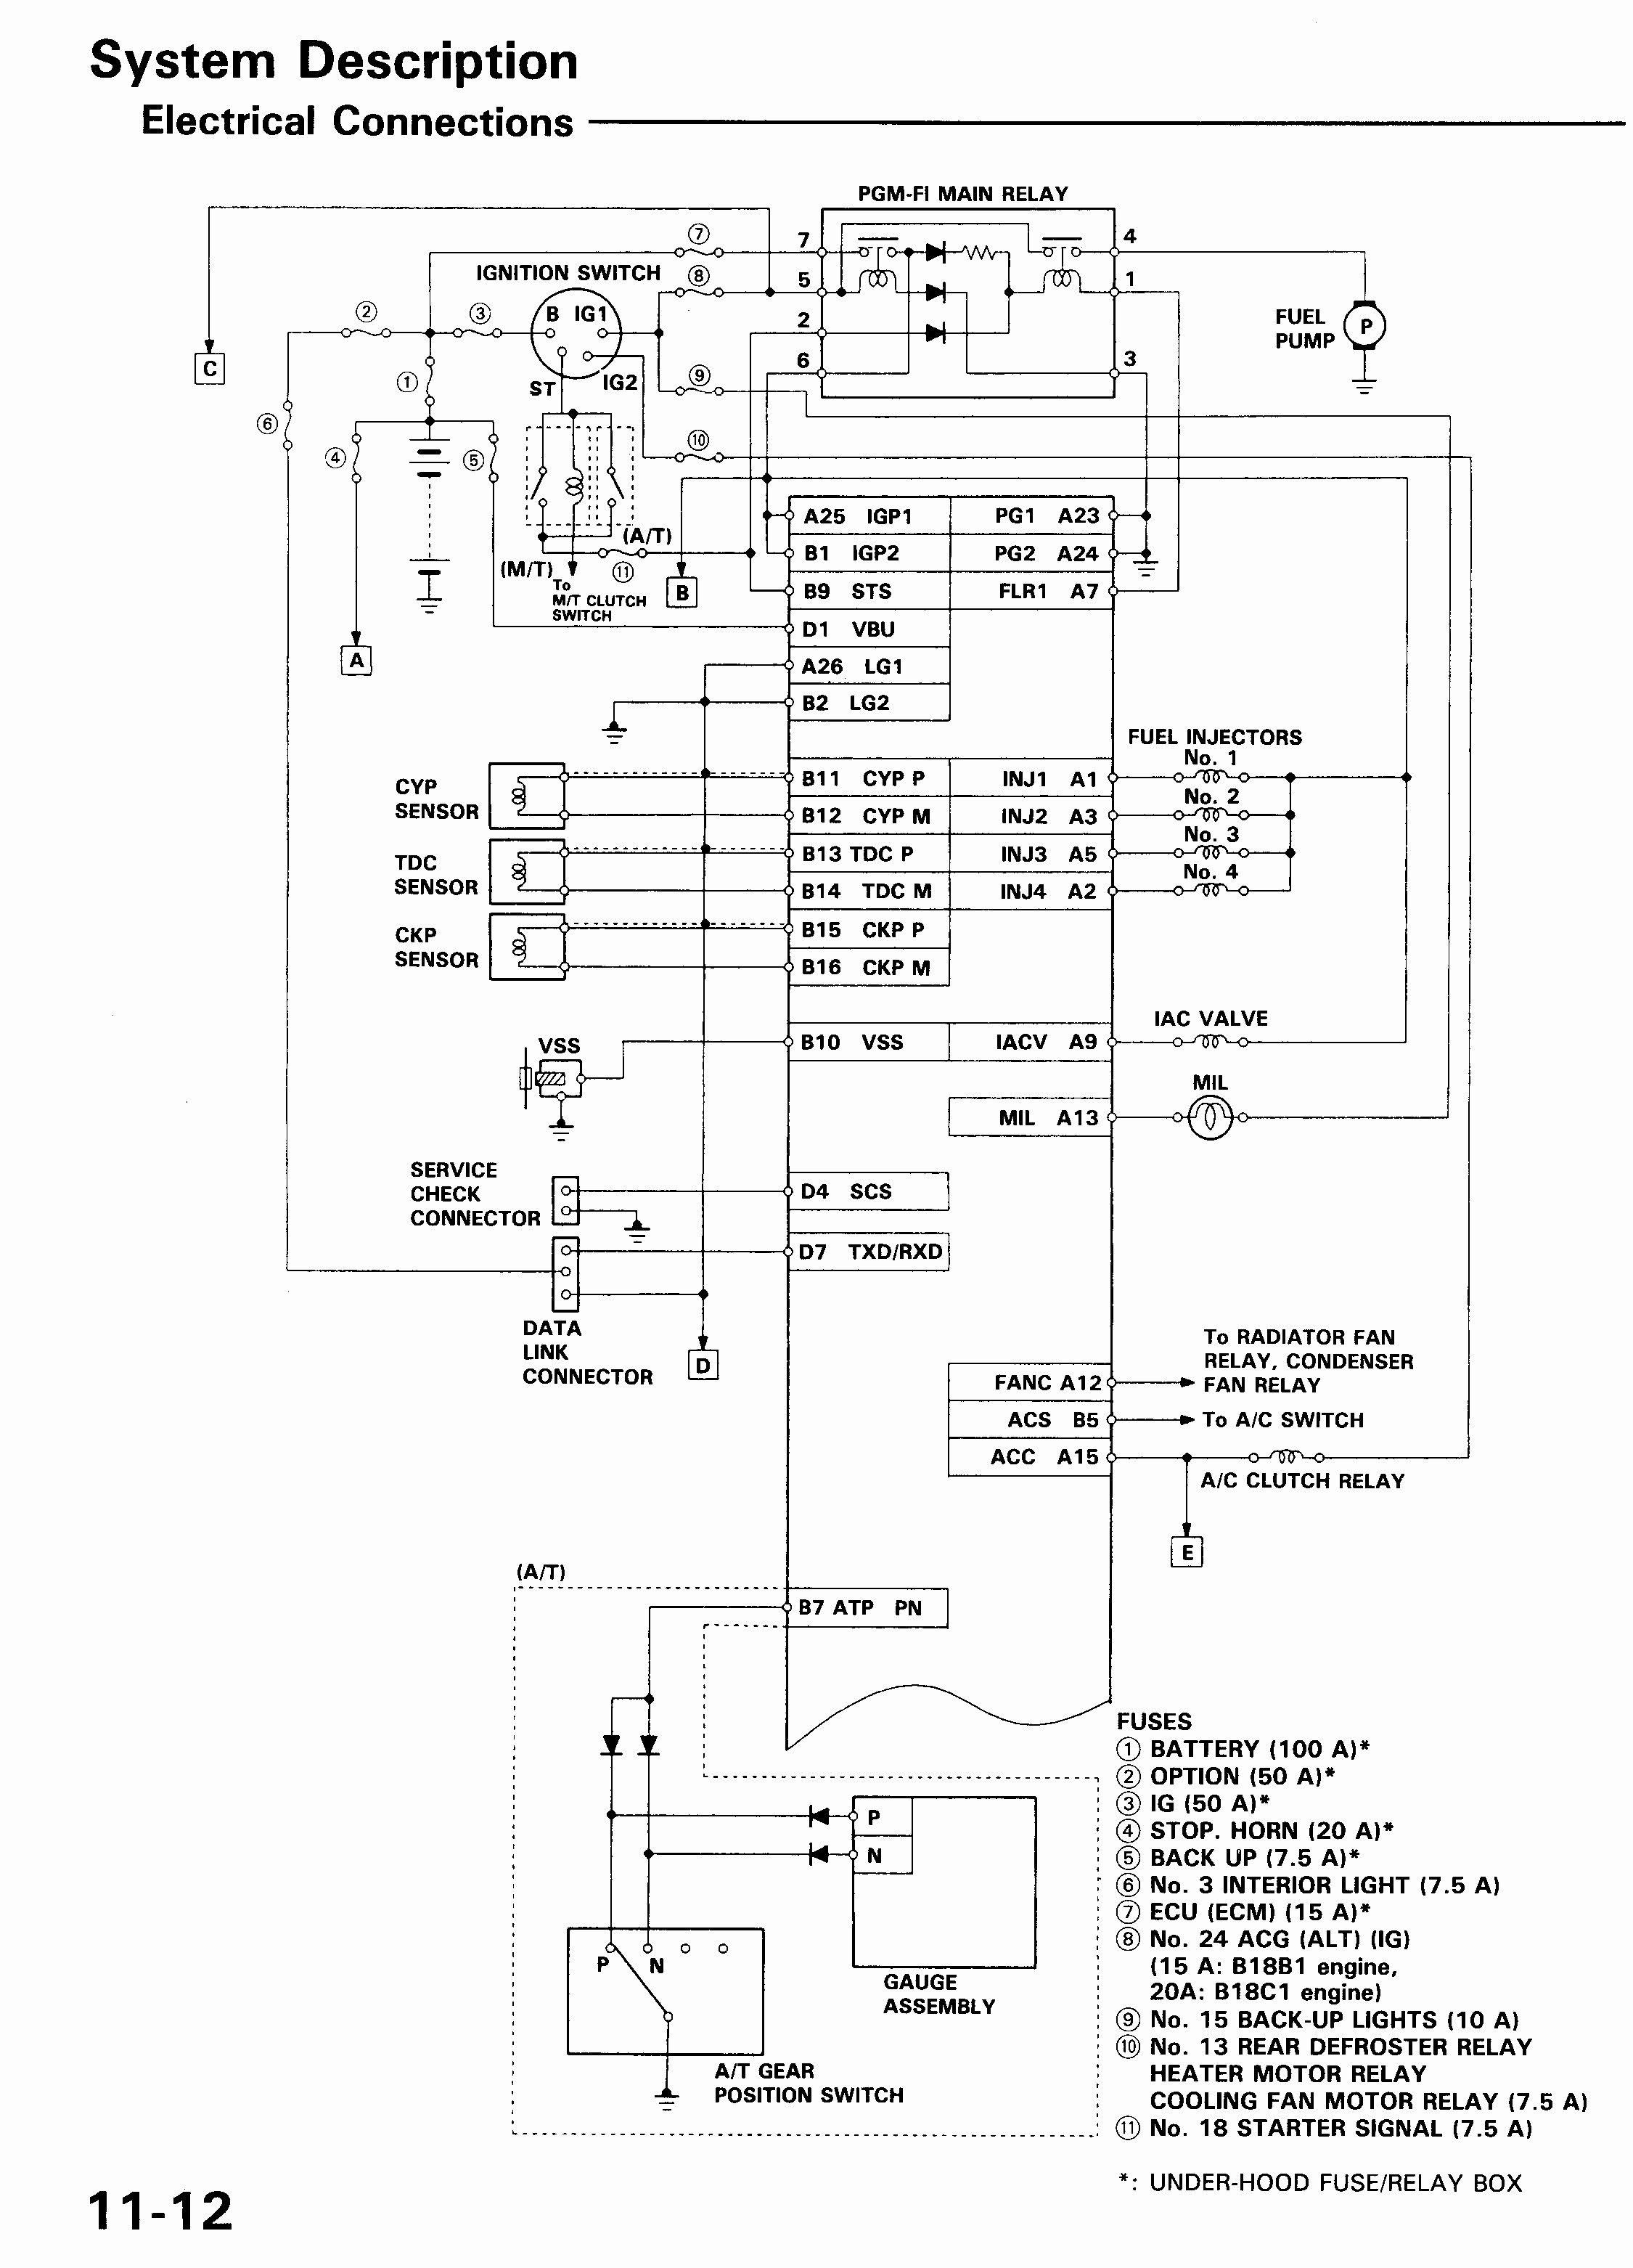 2001 Freightliner Wiring Schematics